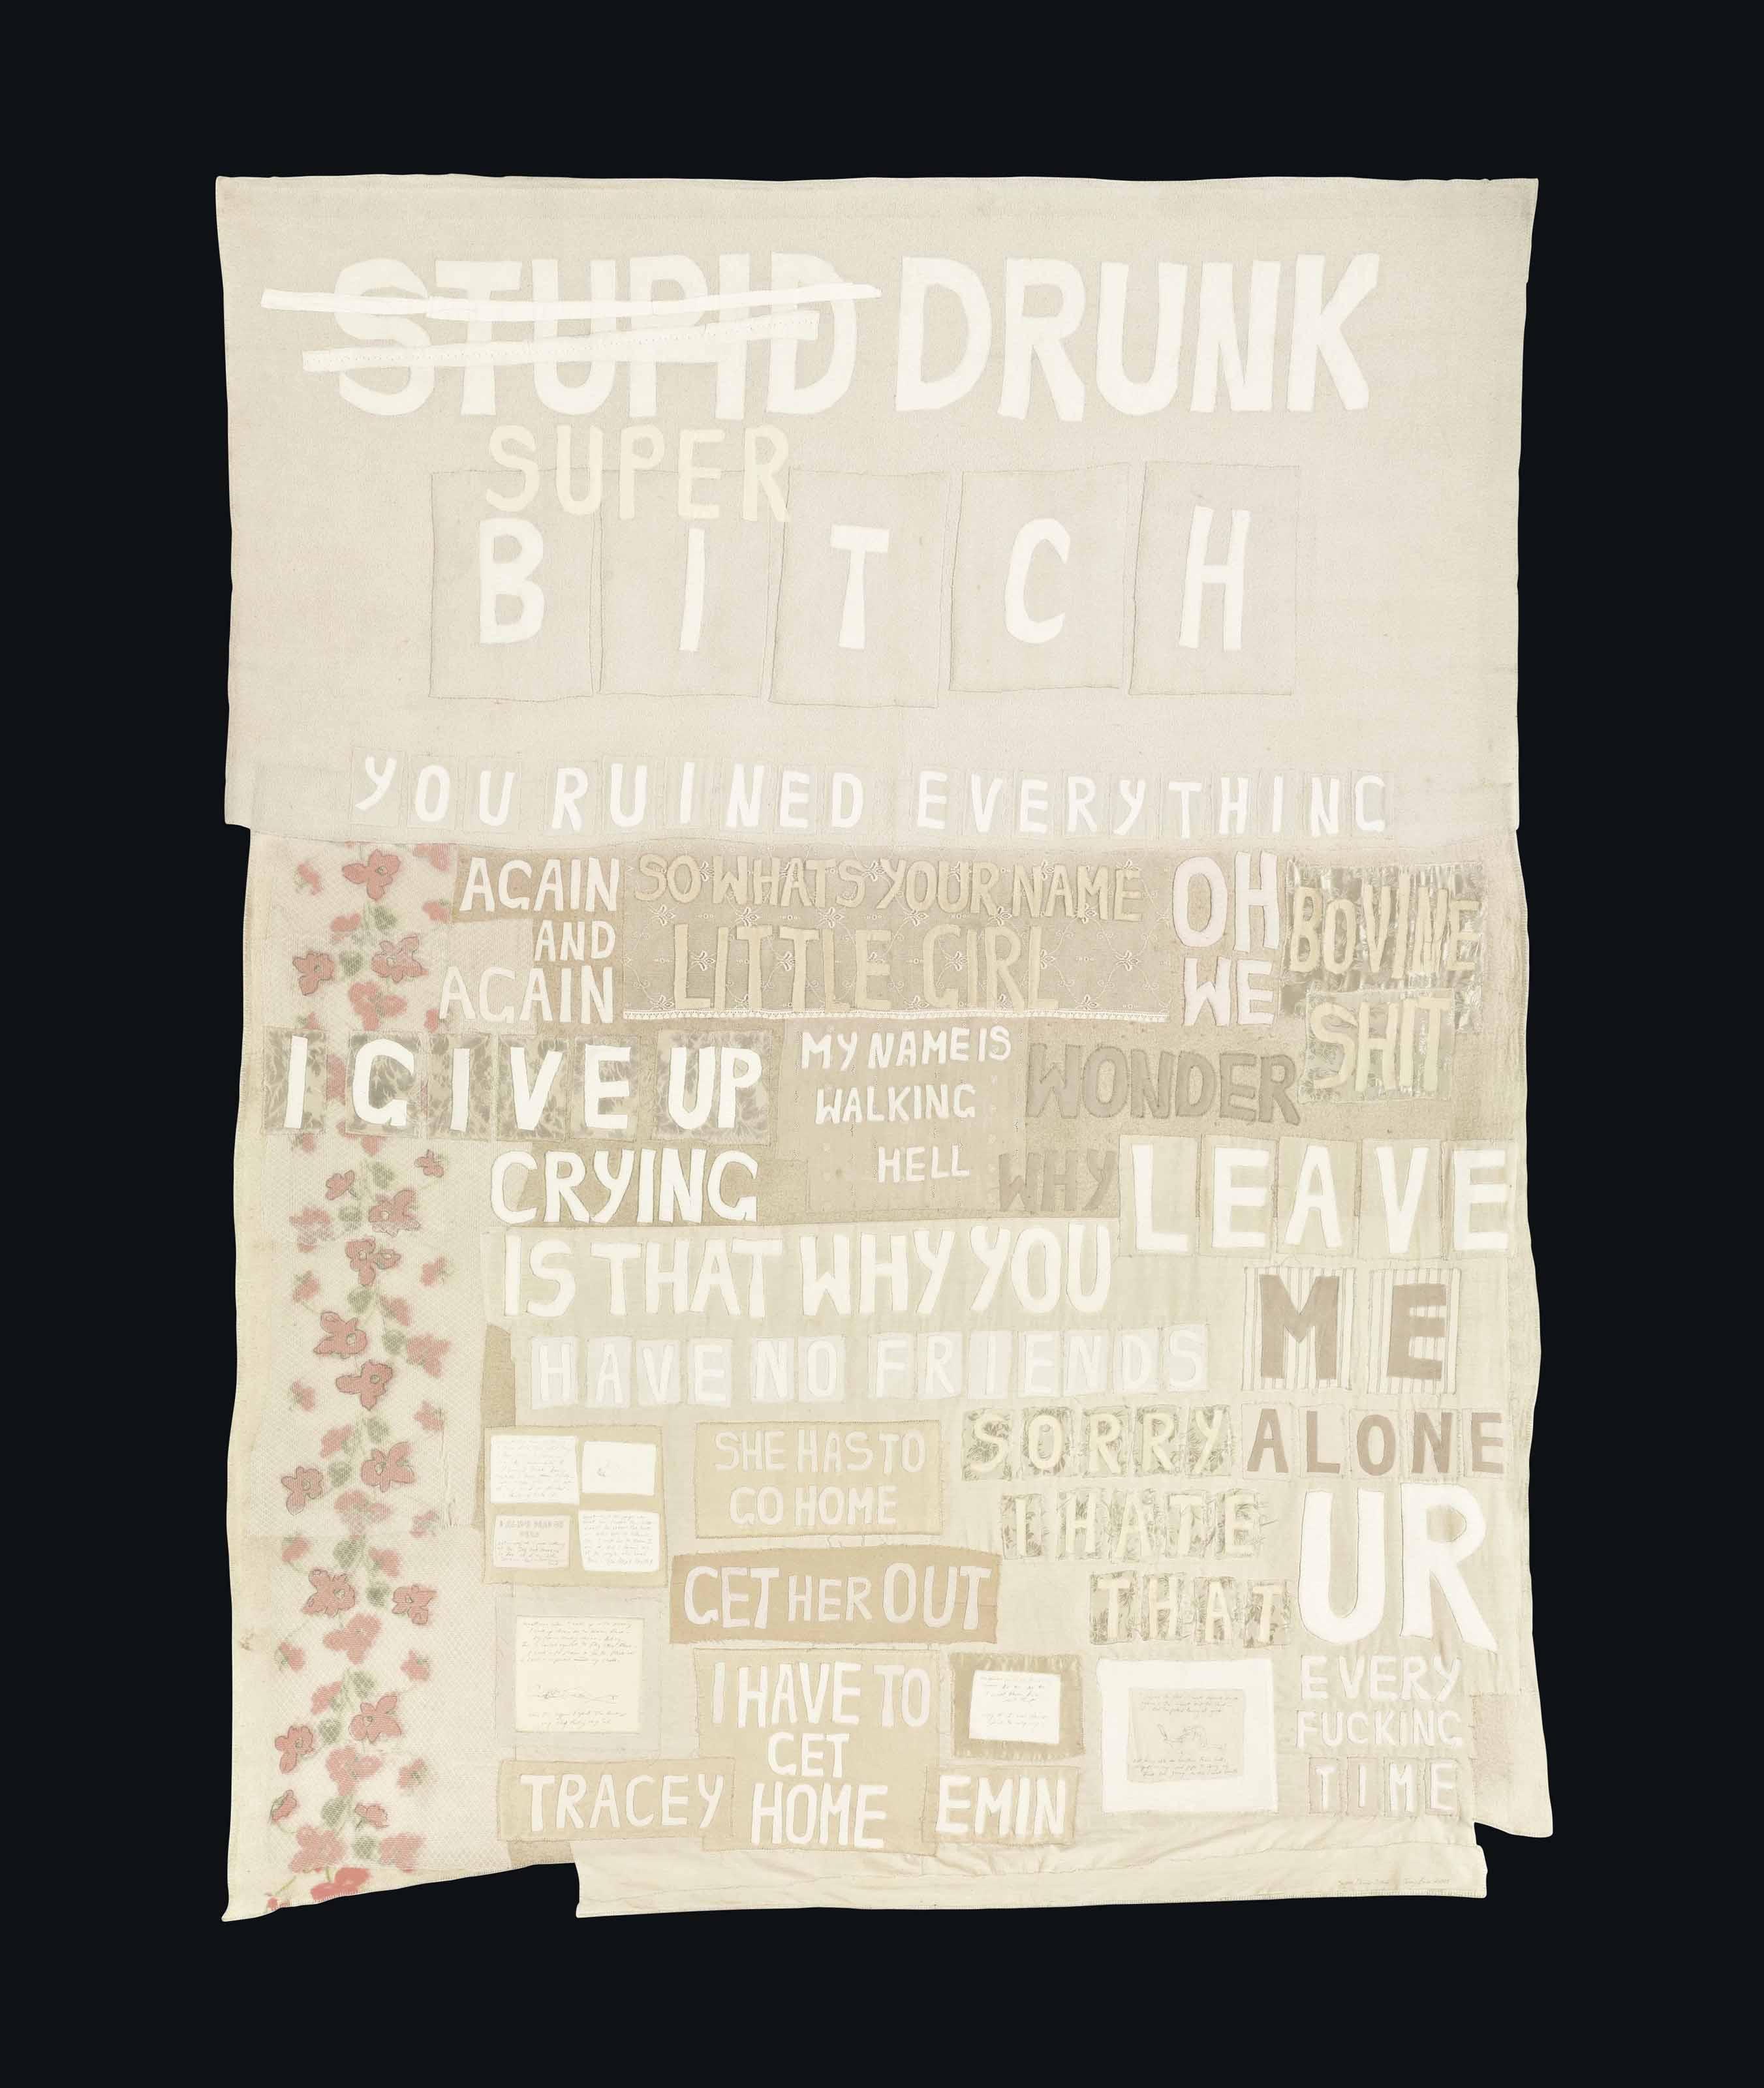 Super Drunk Bitch